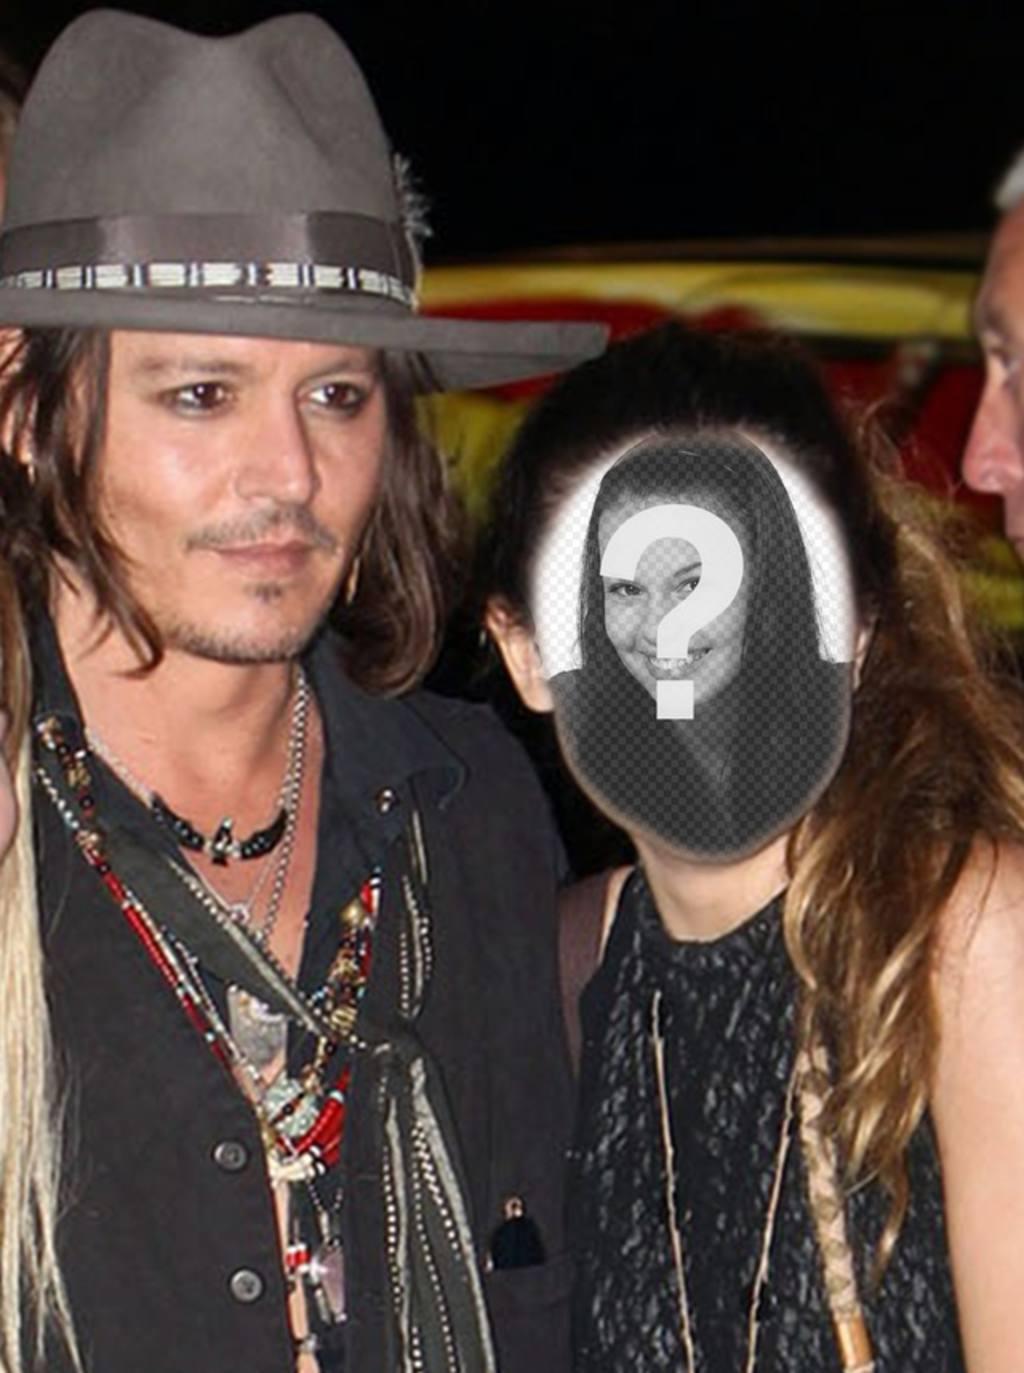 Fotomontagem com Johnny Depp para tirar uma foto com ele e escrever algum texto sobre ele online